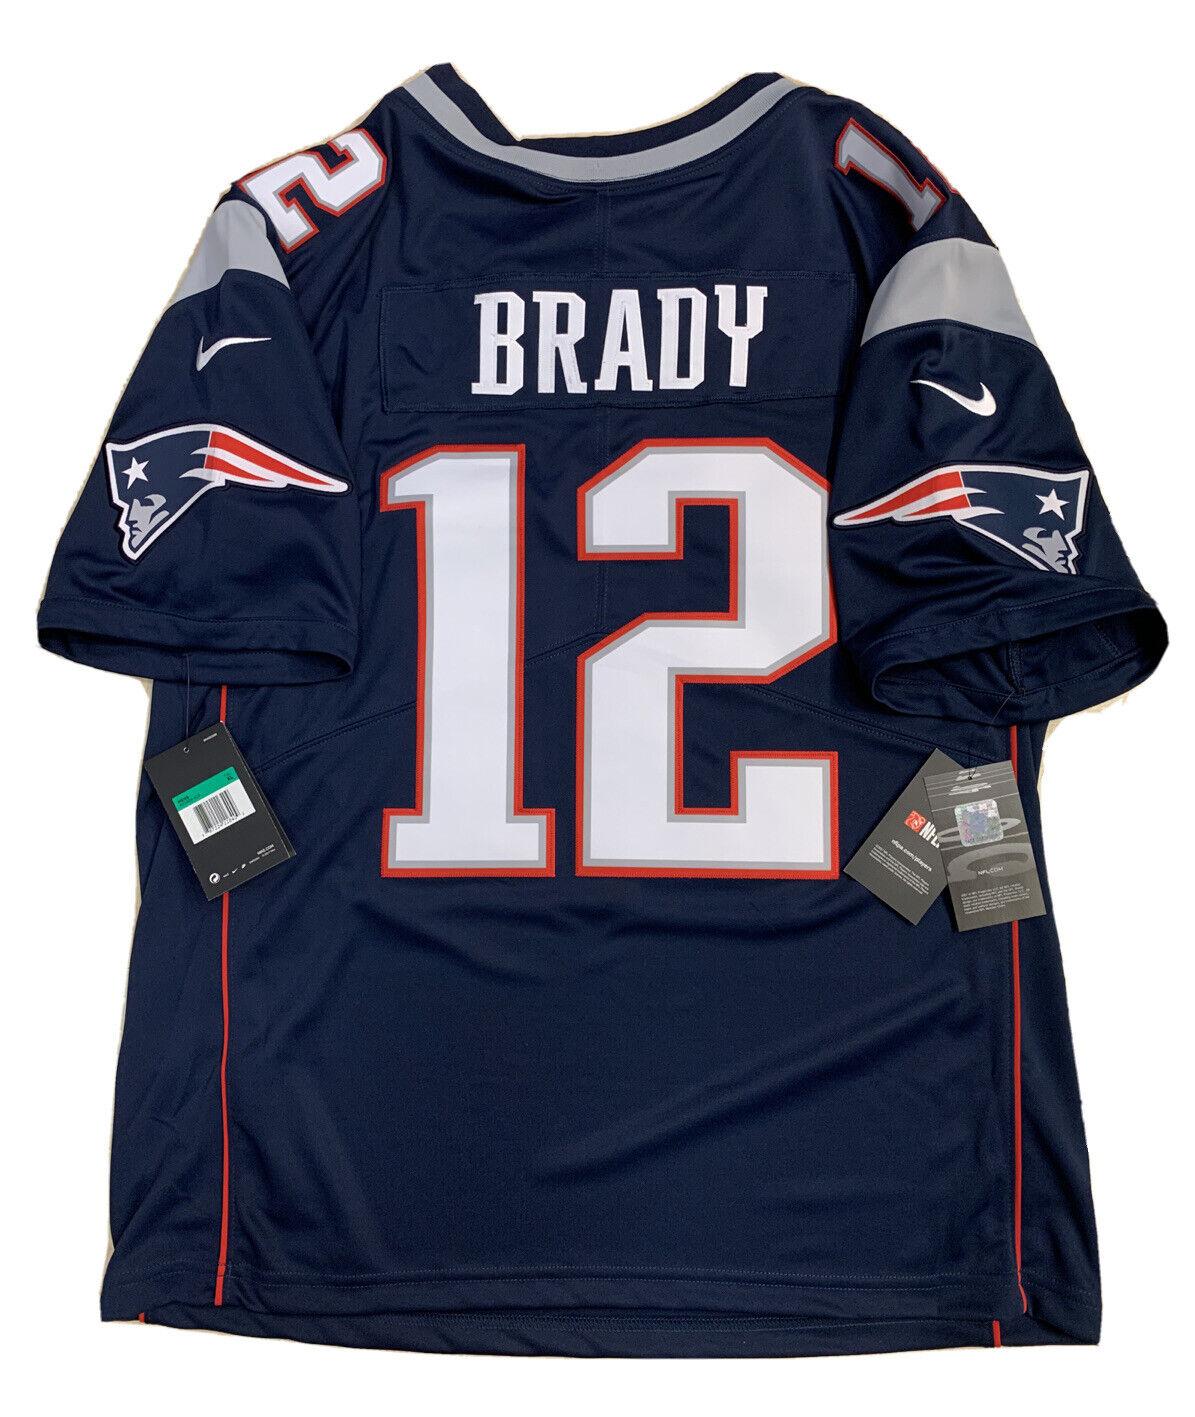 patriots jersey xxxl